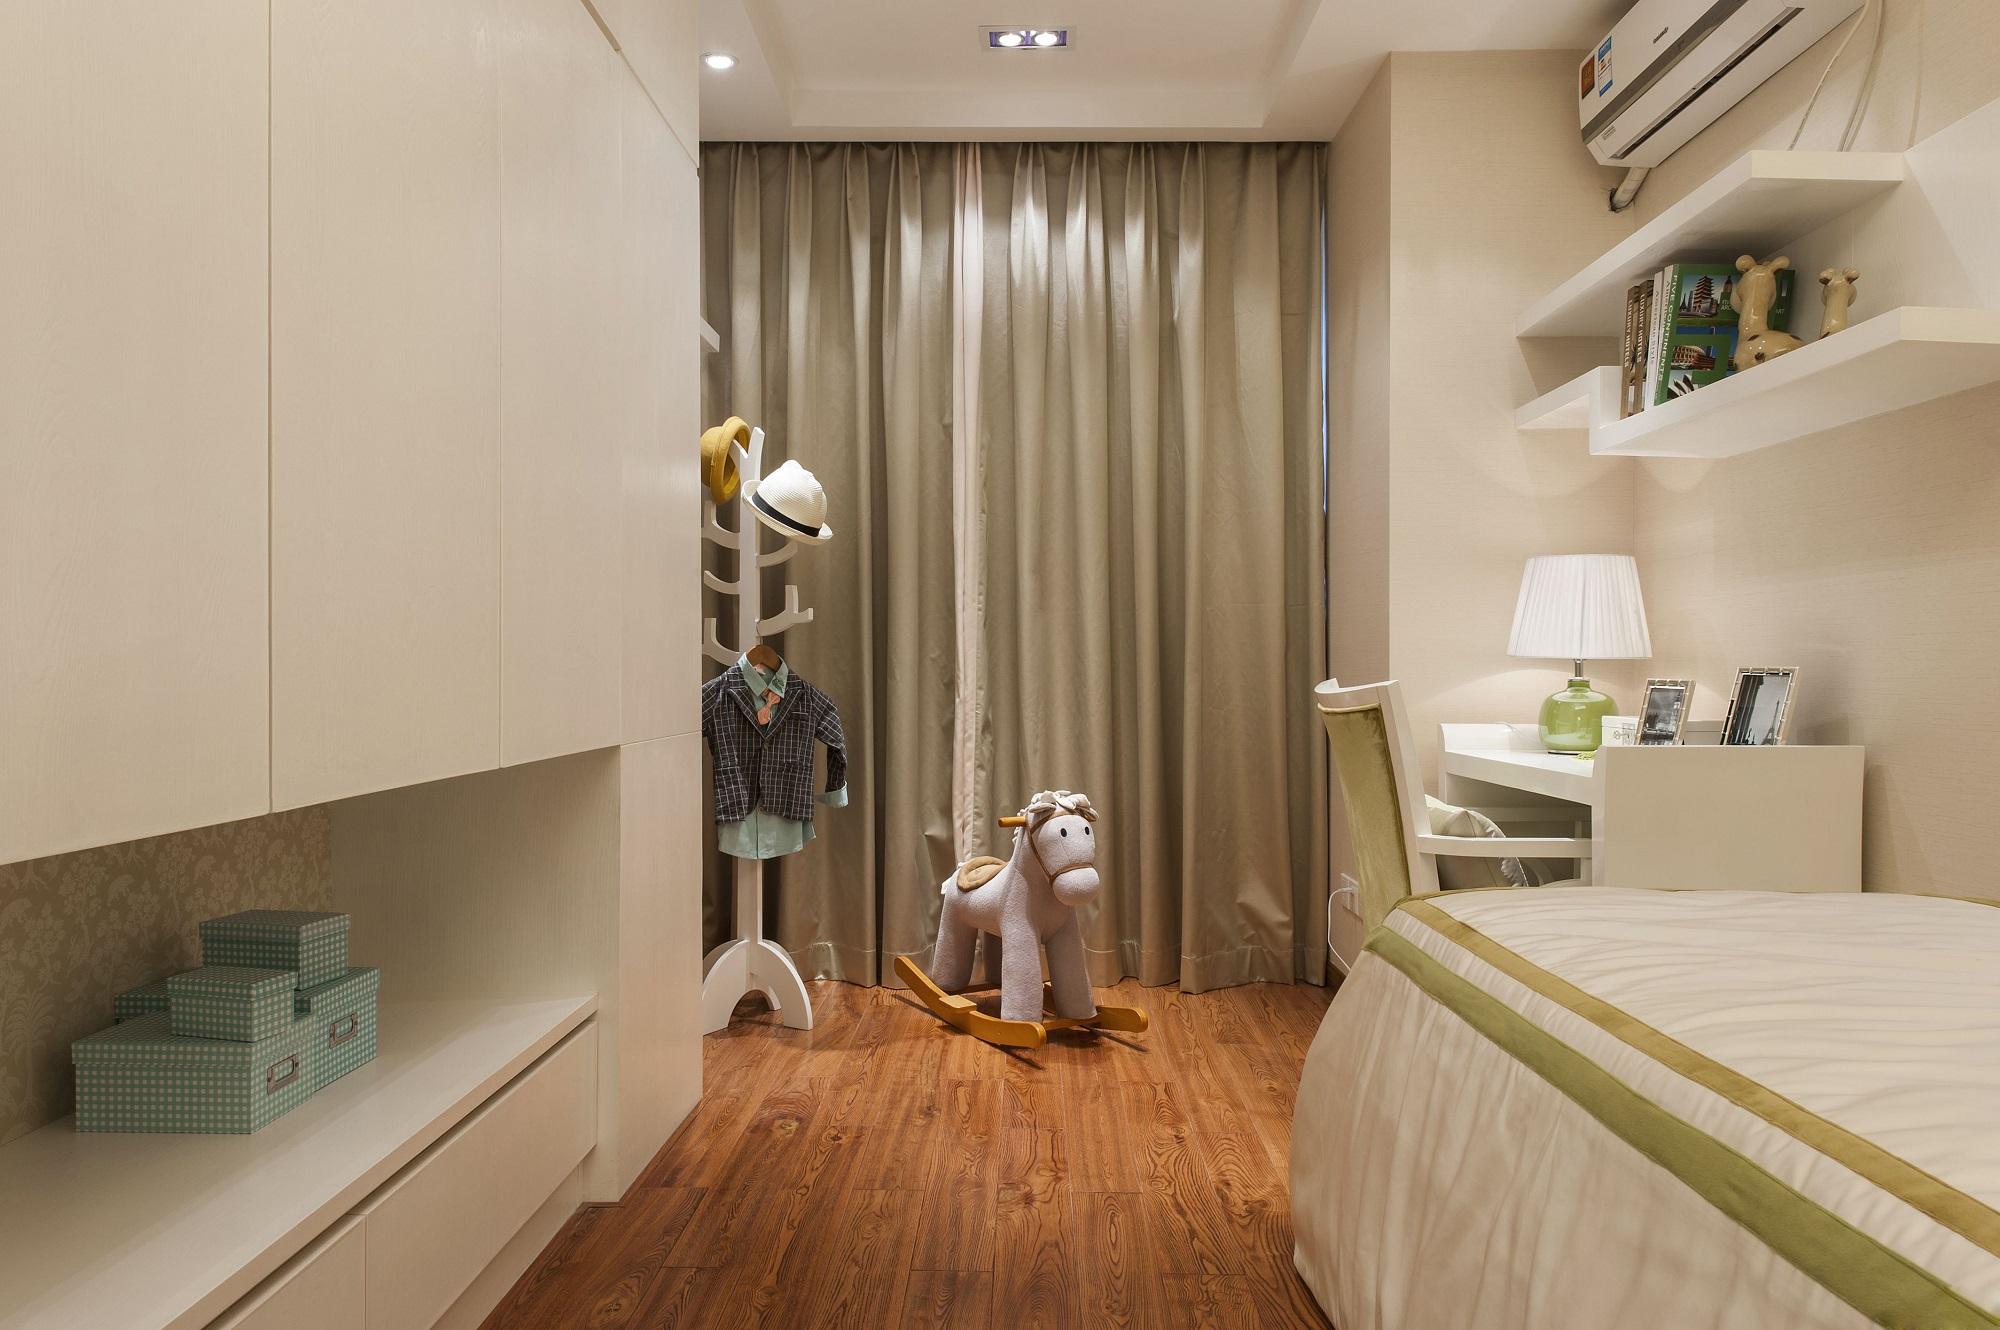 儿童房整洁素雅,鱼骨衣架简单又有艺术感,墙上用隔板当置物架,便于收纳也不会有压抑感。